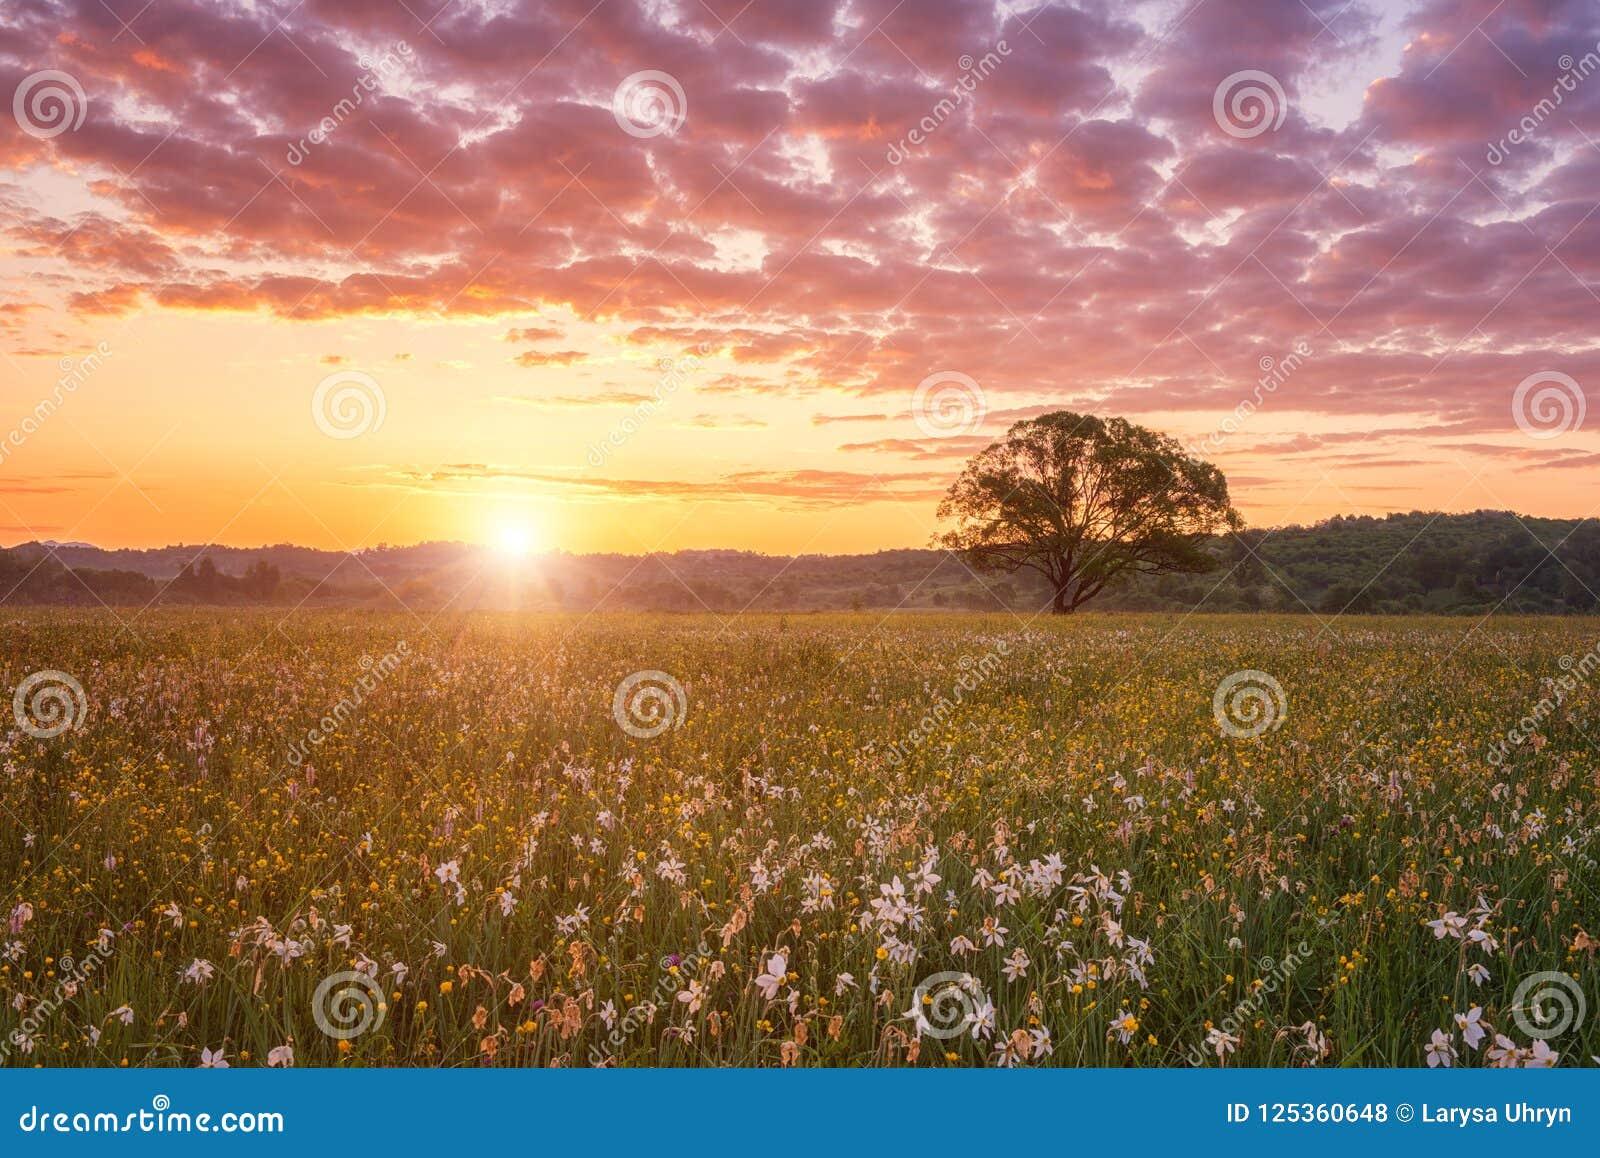 Όμορφη ανατολή στην ανθίζοντας κοιλάδα, το φυσικό τοπίο με τα άγρια λουλούδια ανάπτυξης και το νεφελώδη ουρανό χρώματος